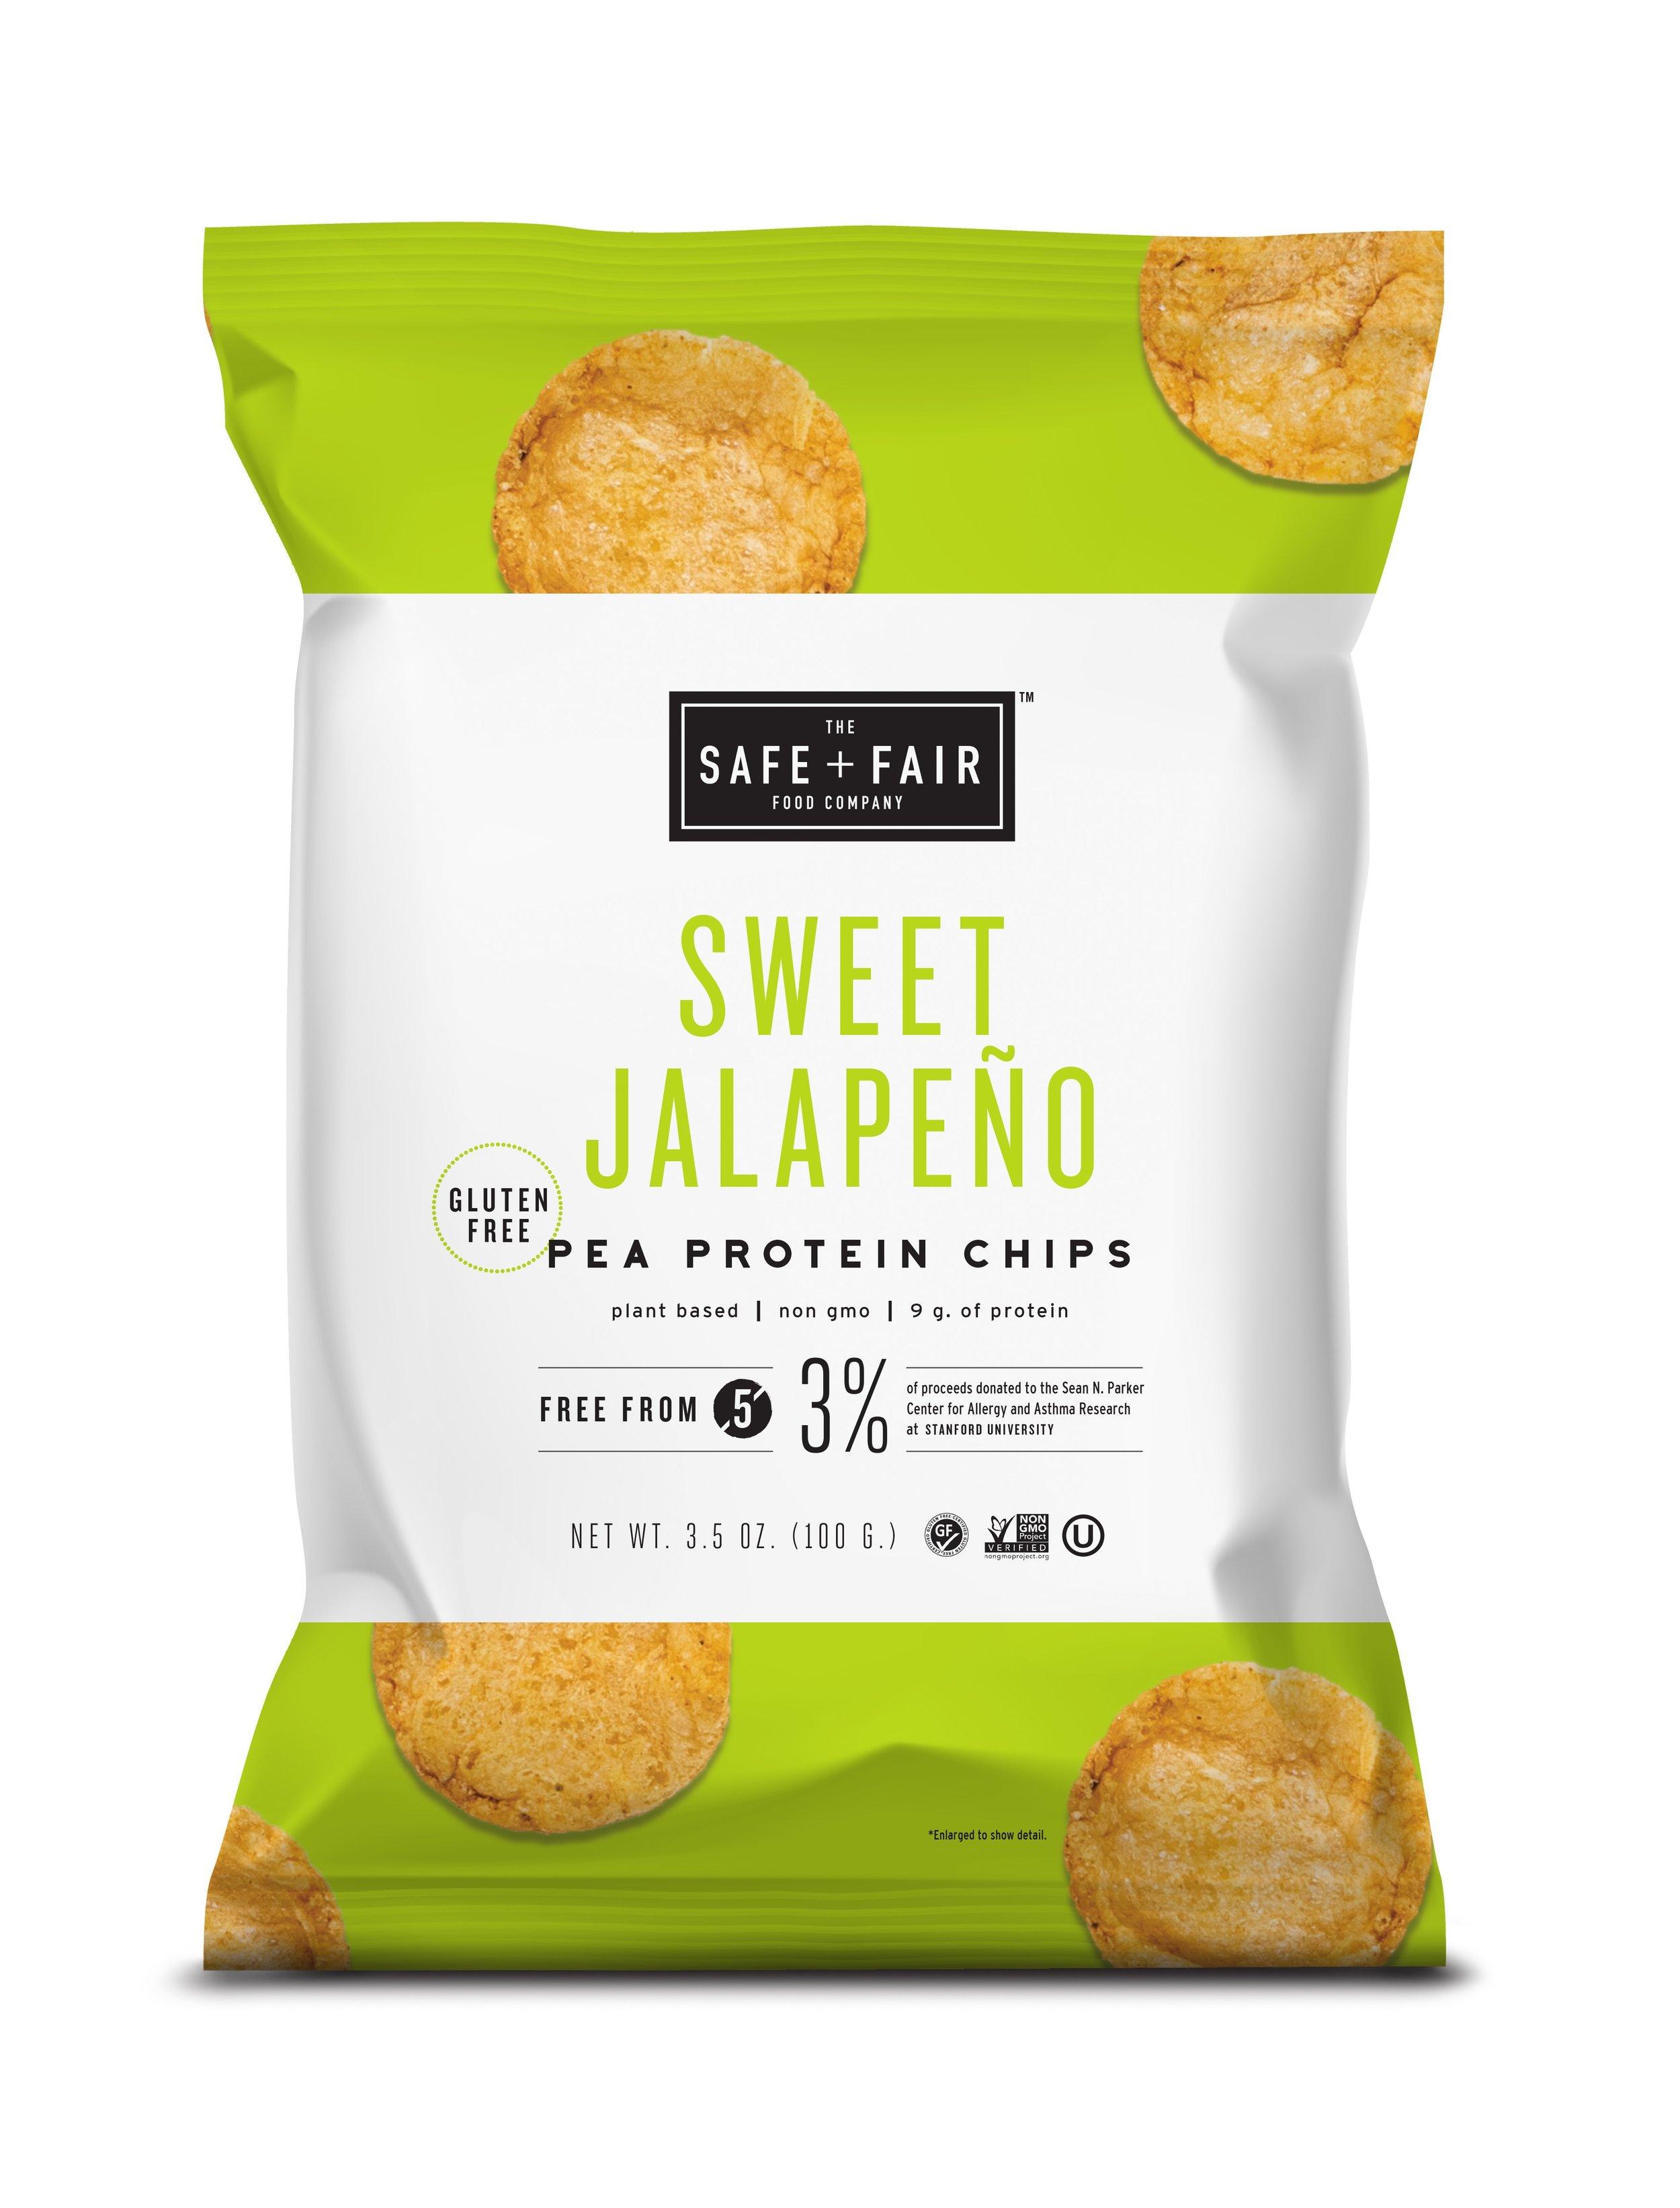 PeaProteinChips_SweetJalapeno_Front.jpg